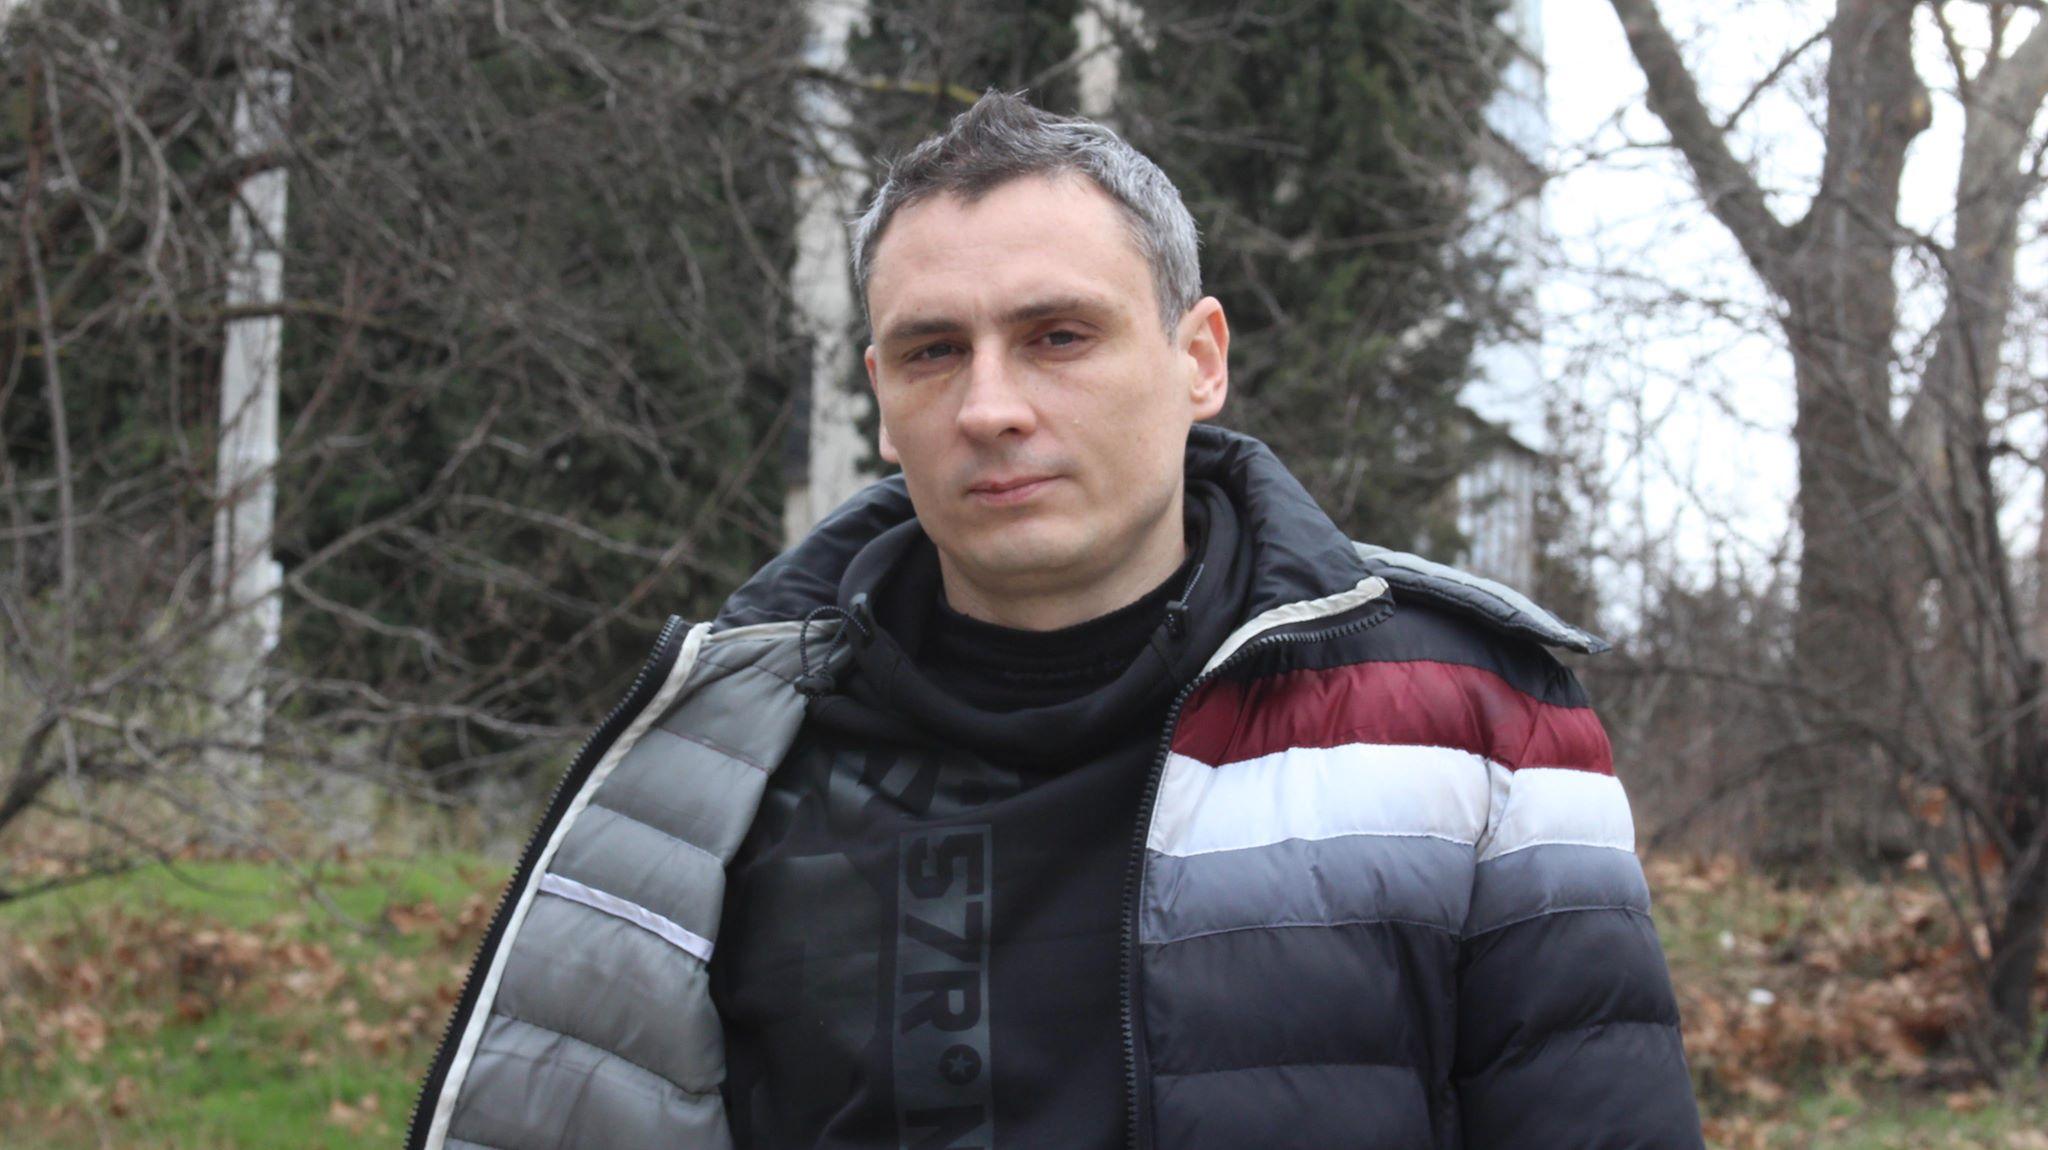 Последствия включения в российский список «экстремистов и террористов» для украинского активиста Мовенко